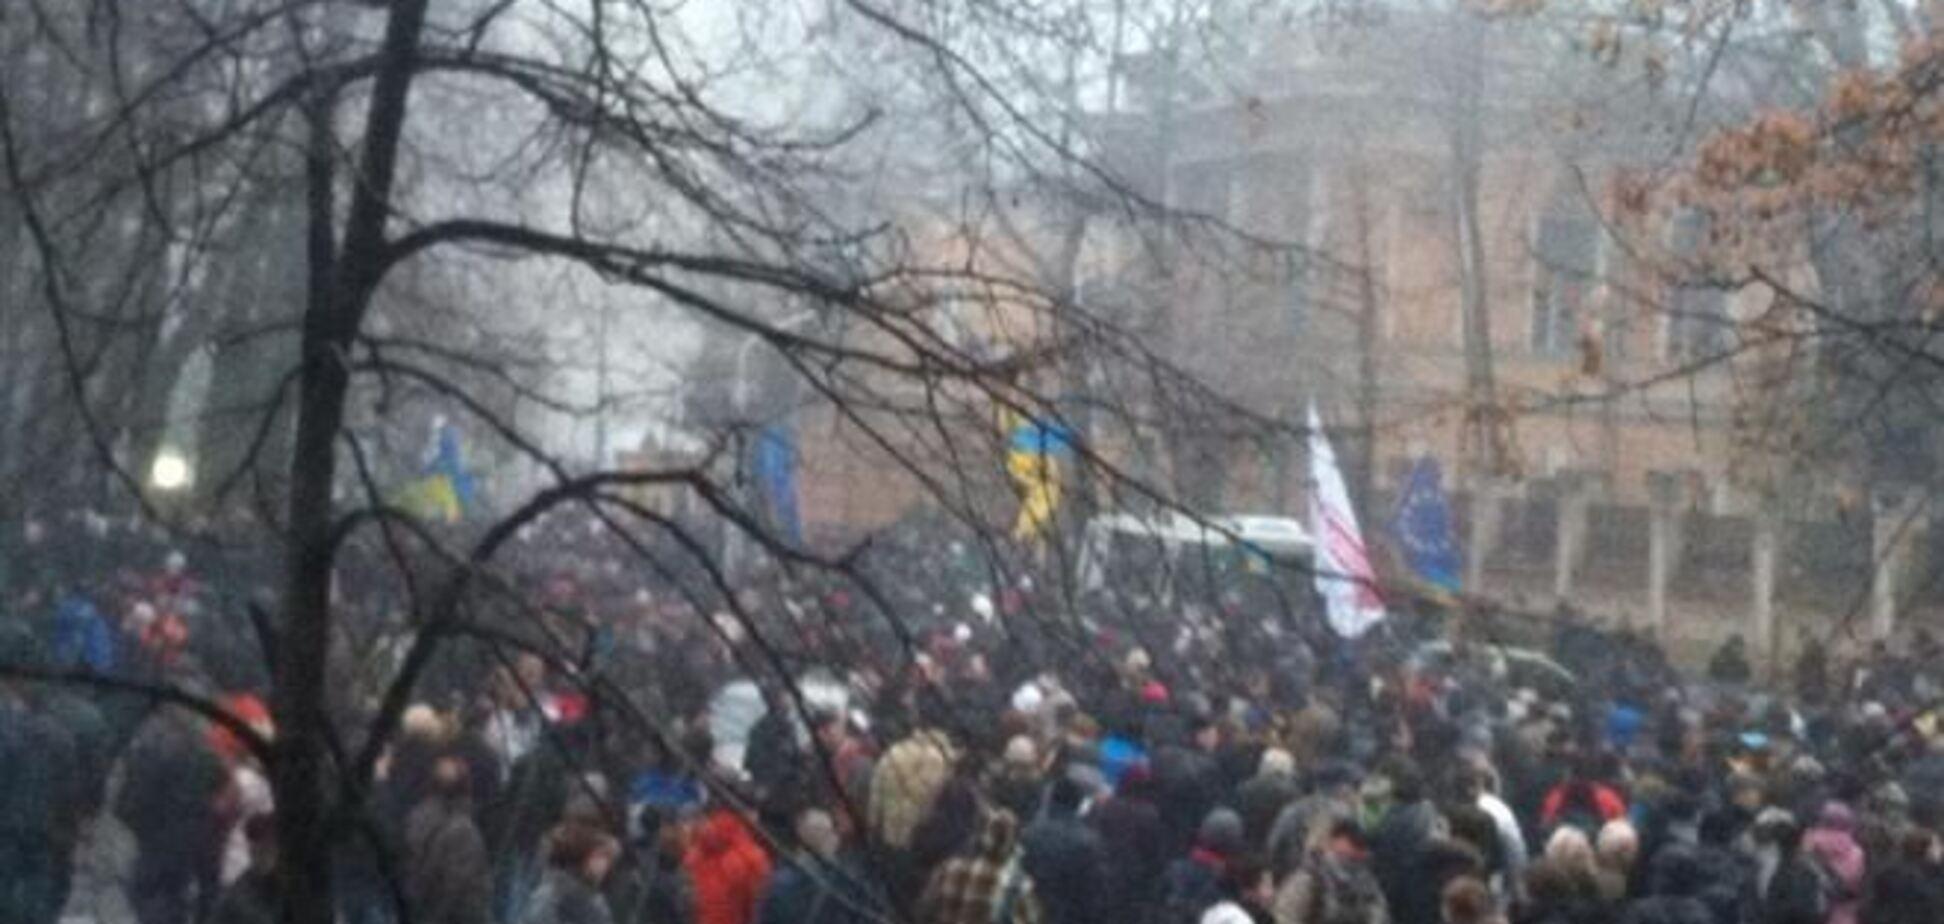 Толпа повернула к Администрации Президента, ее уже окружает 'Беркут'